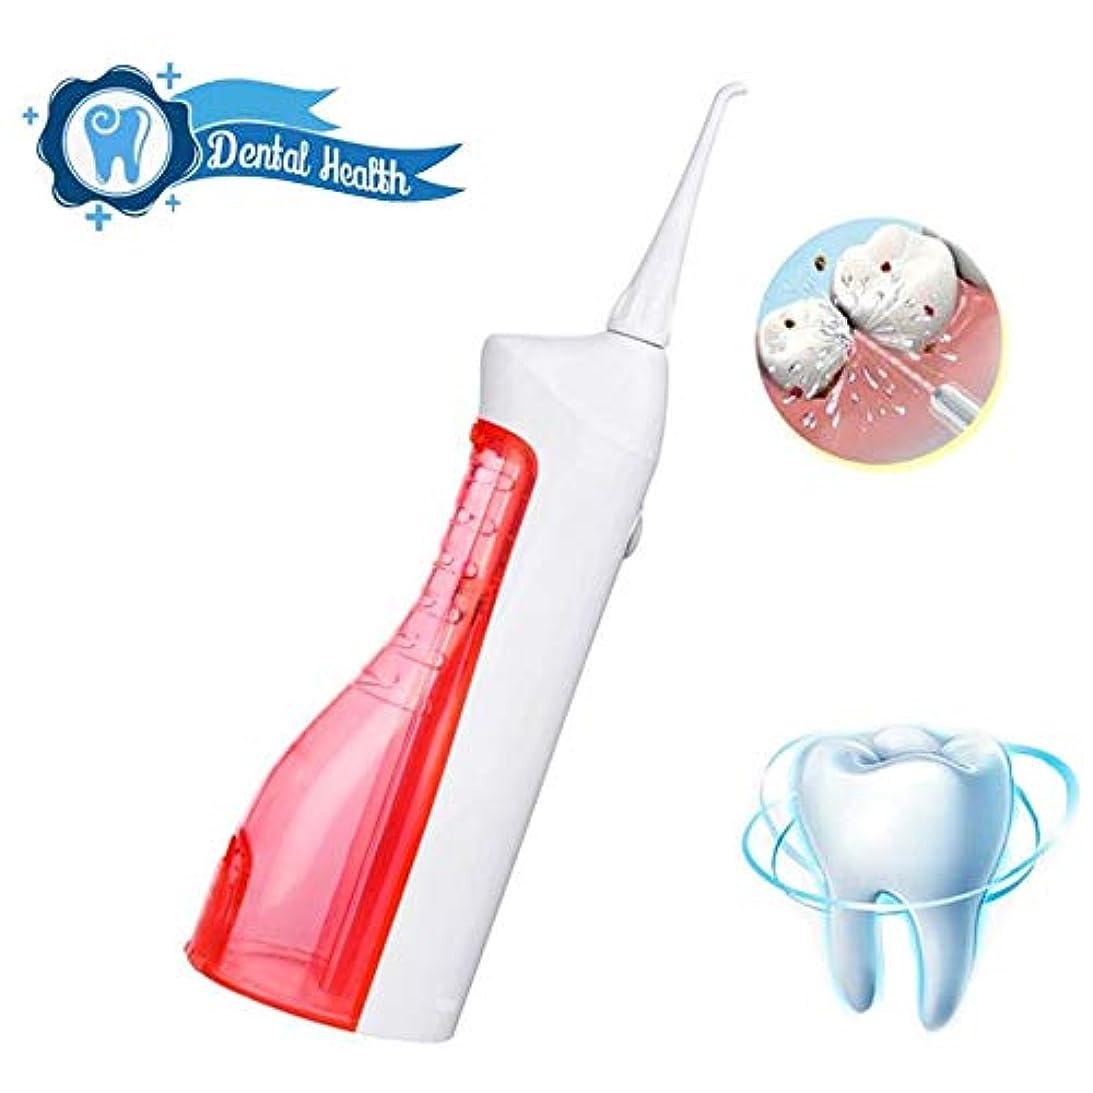 物語故障パンツ歯のためのウォーターフロッサー、ポータブルプロフェッショナルコードレス歯科口腔灌漑器(150mlタンク、2本のジェットチップ付き)歯磨き粉用クリーナー、2つのクリーニングモード、USB充電式、IPX7